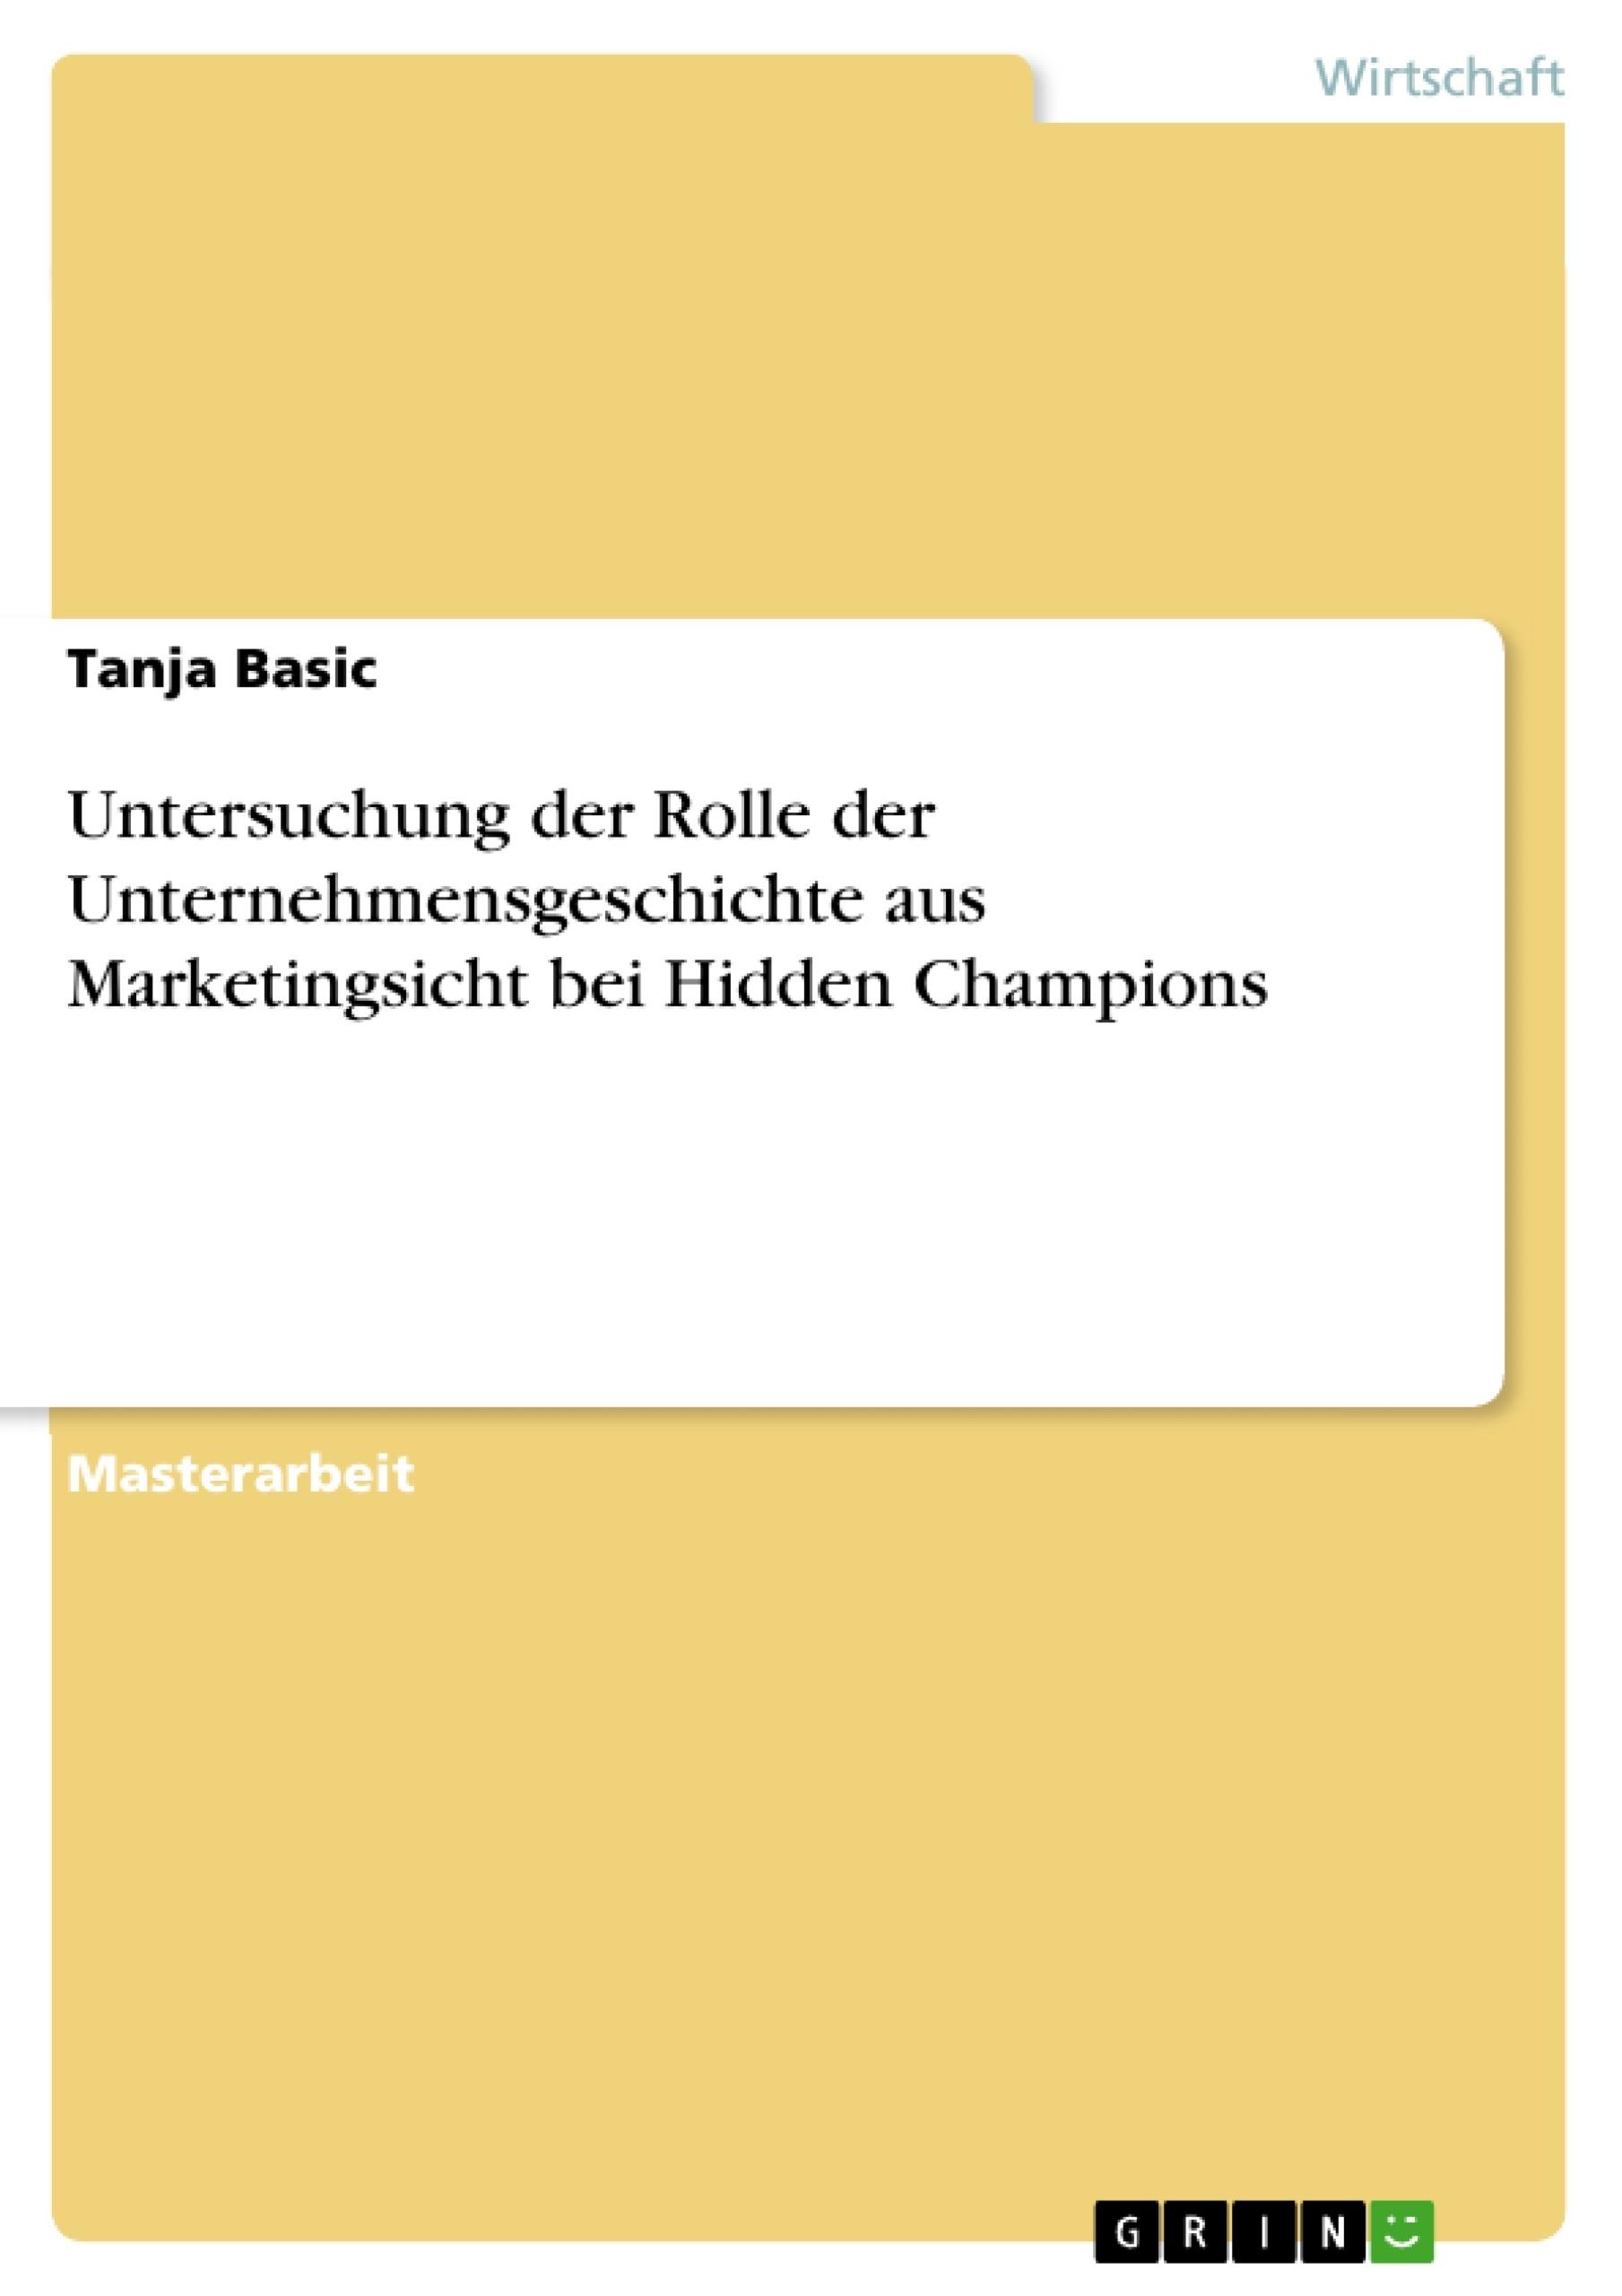 Titel: Untersuchung der Rolle der Unternehmensgeschichte aus Marketingsicht bei Hidden Champions